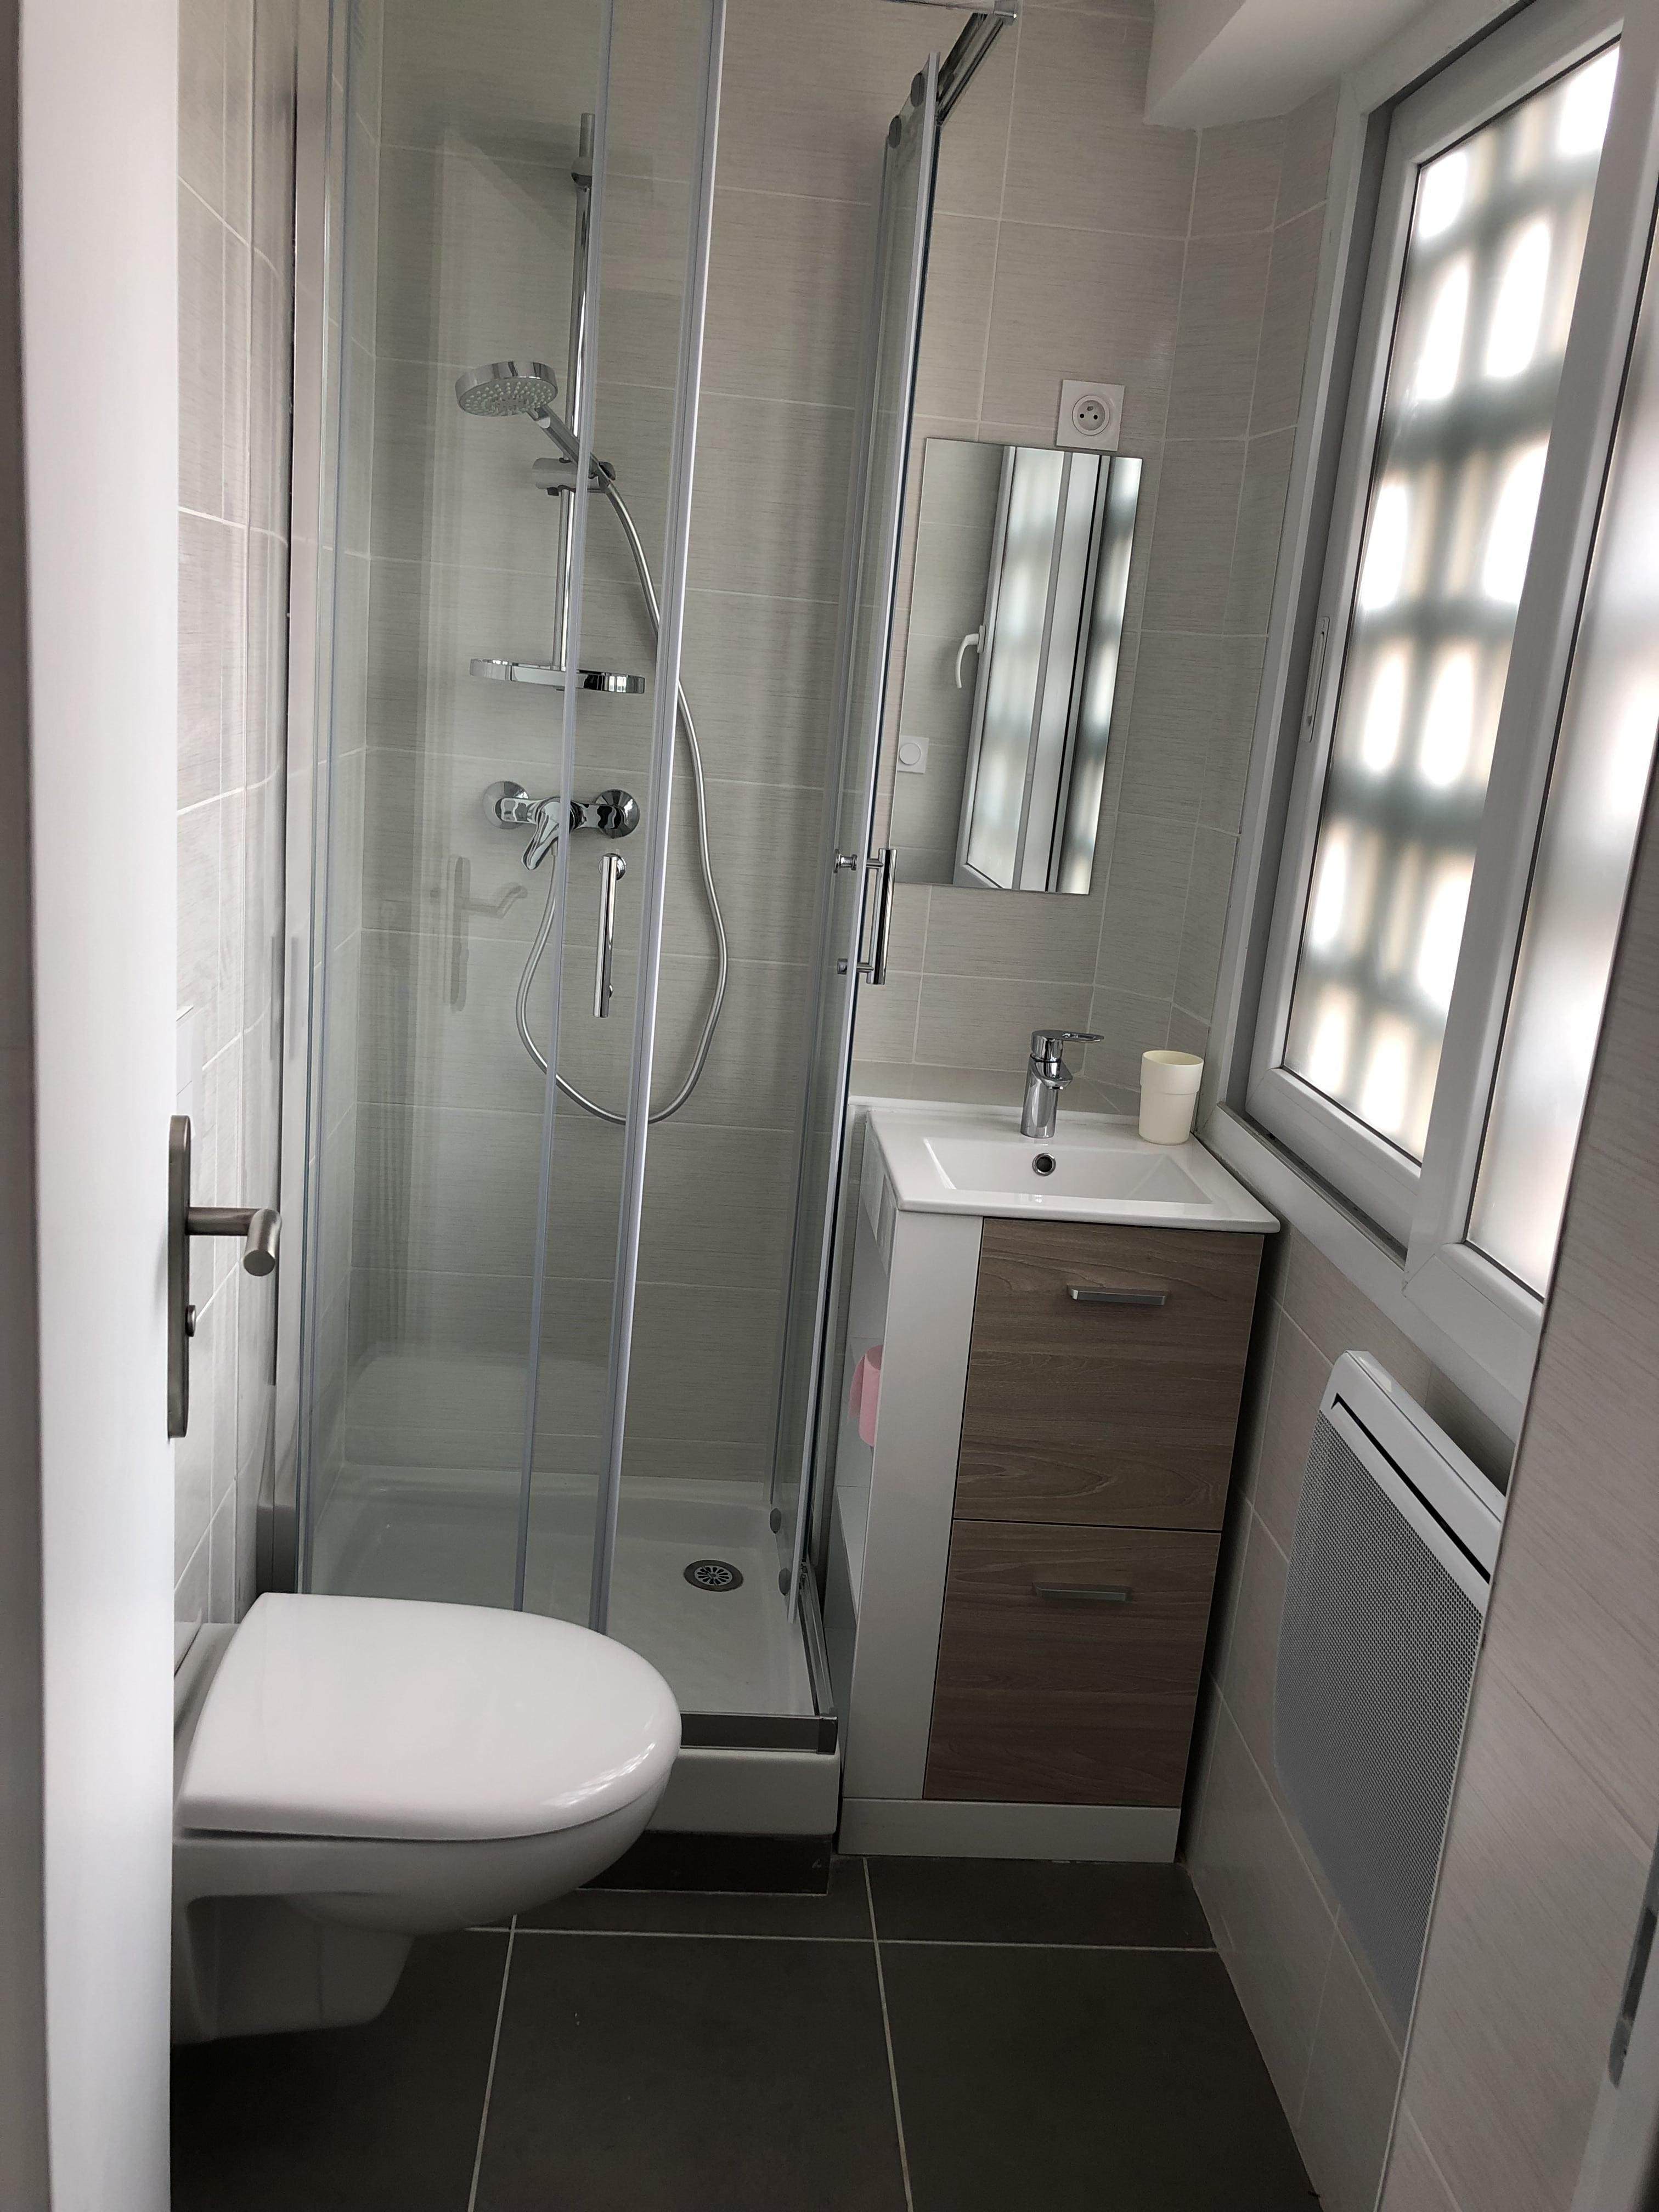 Installation d'une salle de bain pour un appartement à Crolles en Isère par Renov'isol